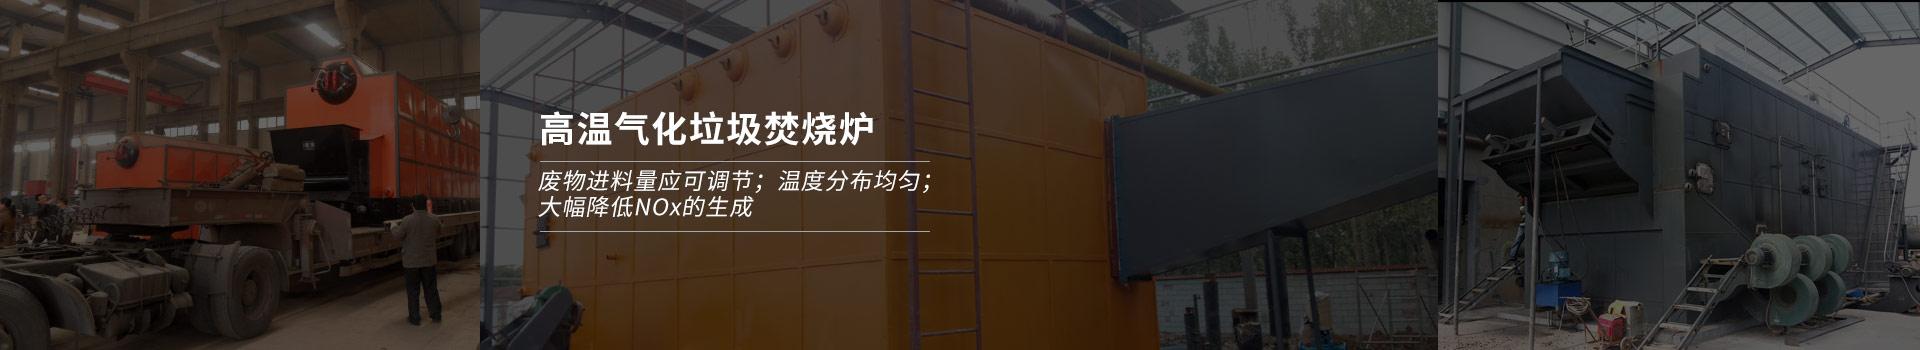 高温气化垃圾焚烧炉,废物进料量应可调节;温度分布均匀